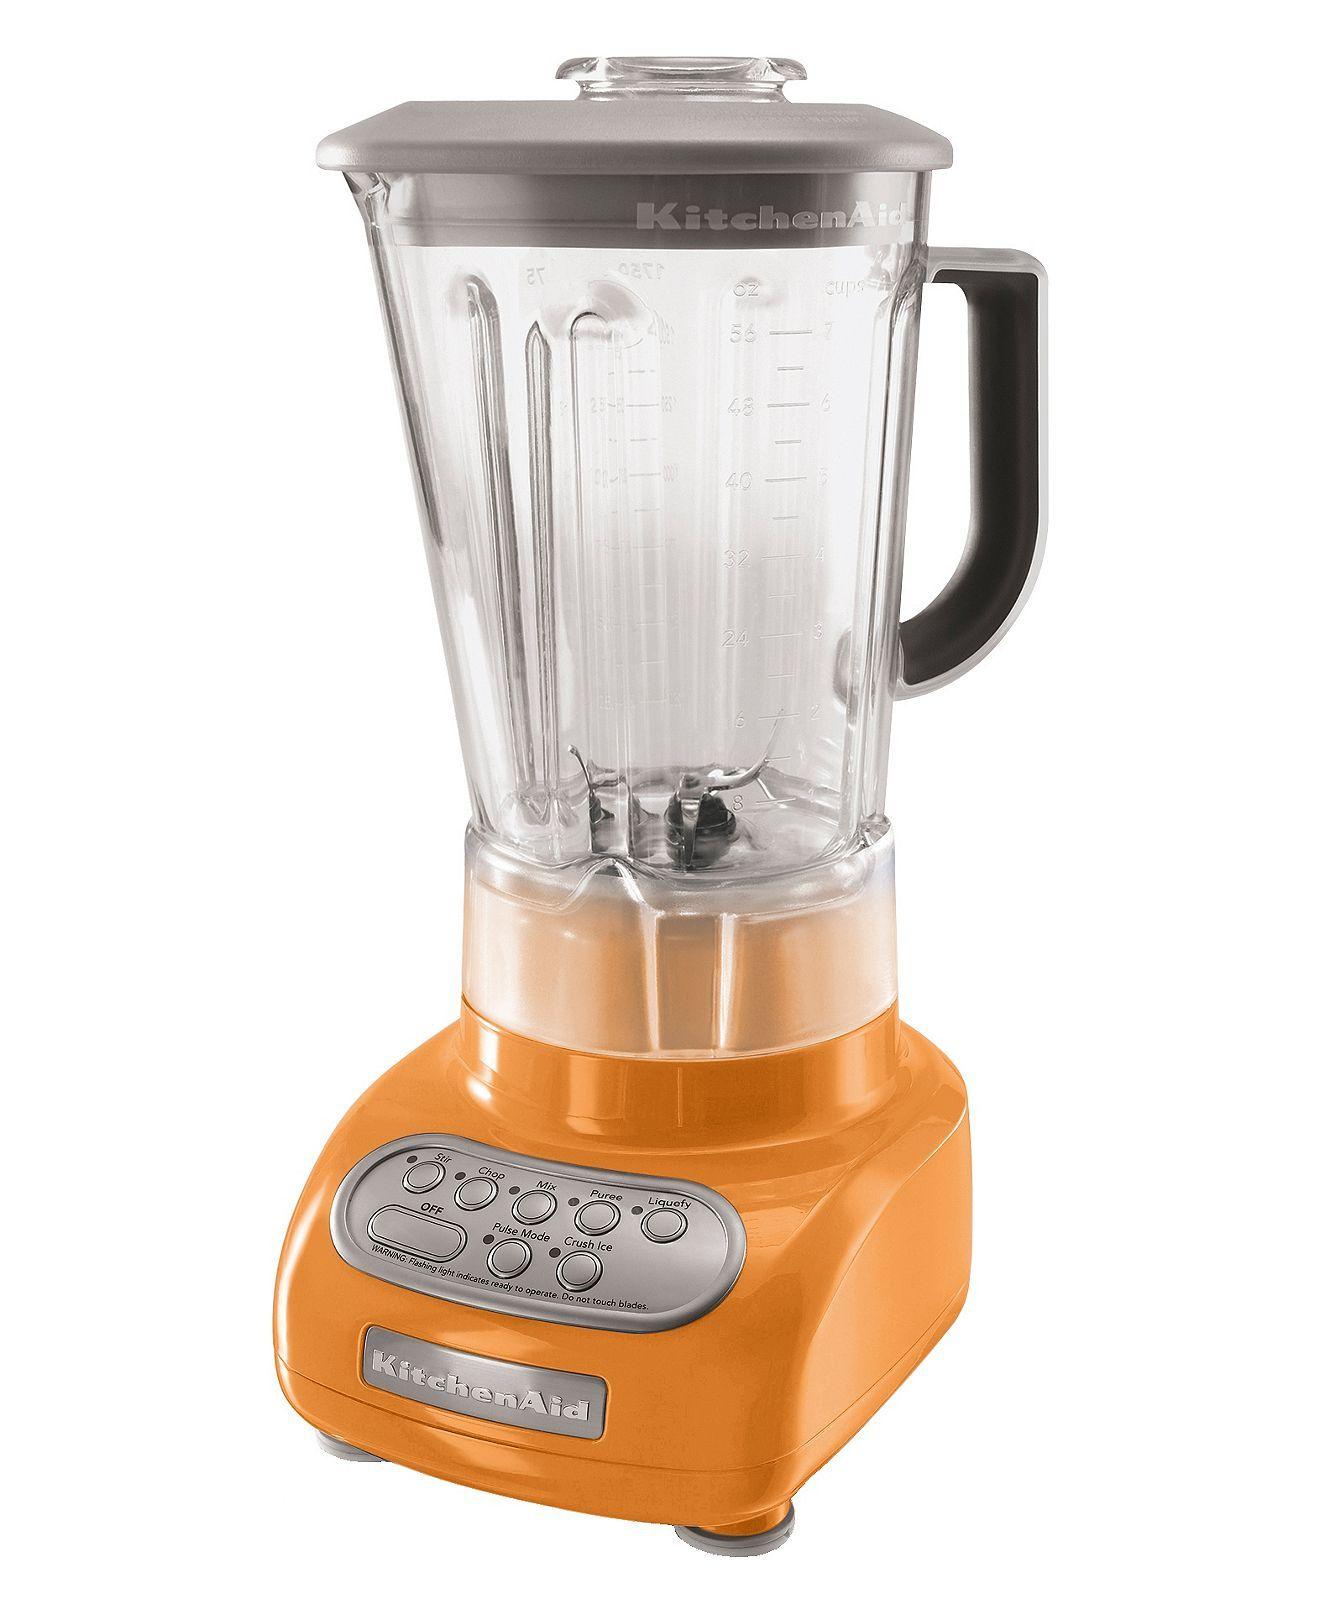 KitchenAid KSB560 Blender, 5 Speed color: Tangerine